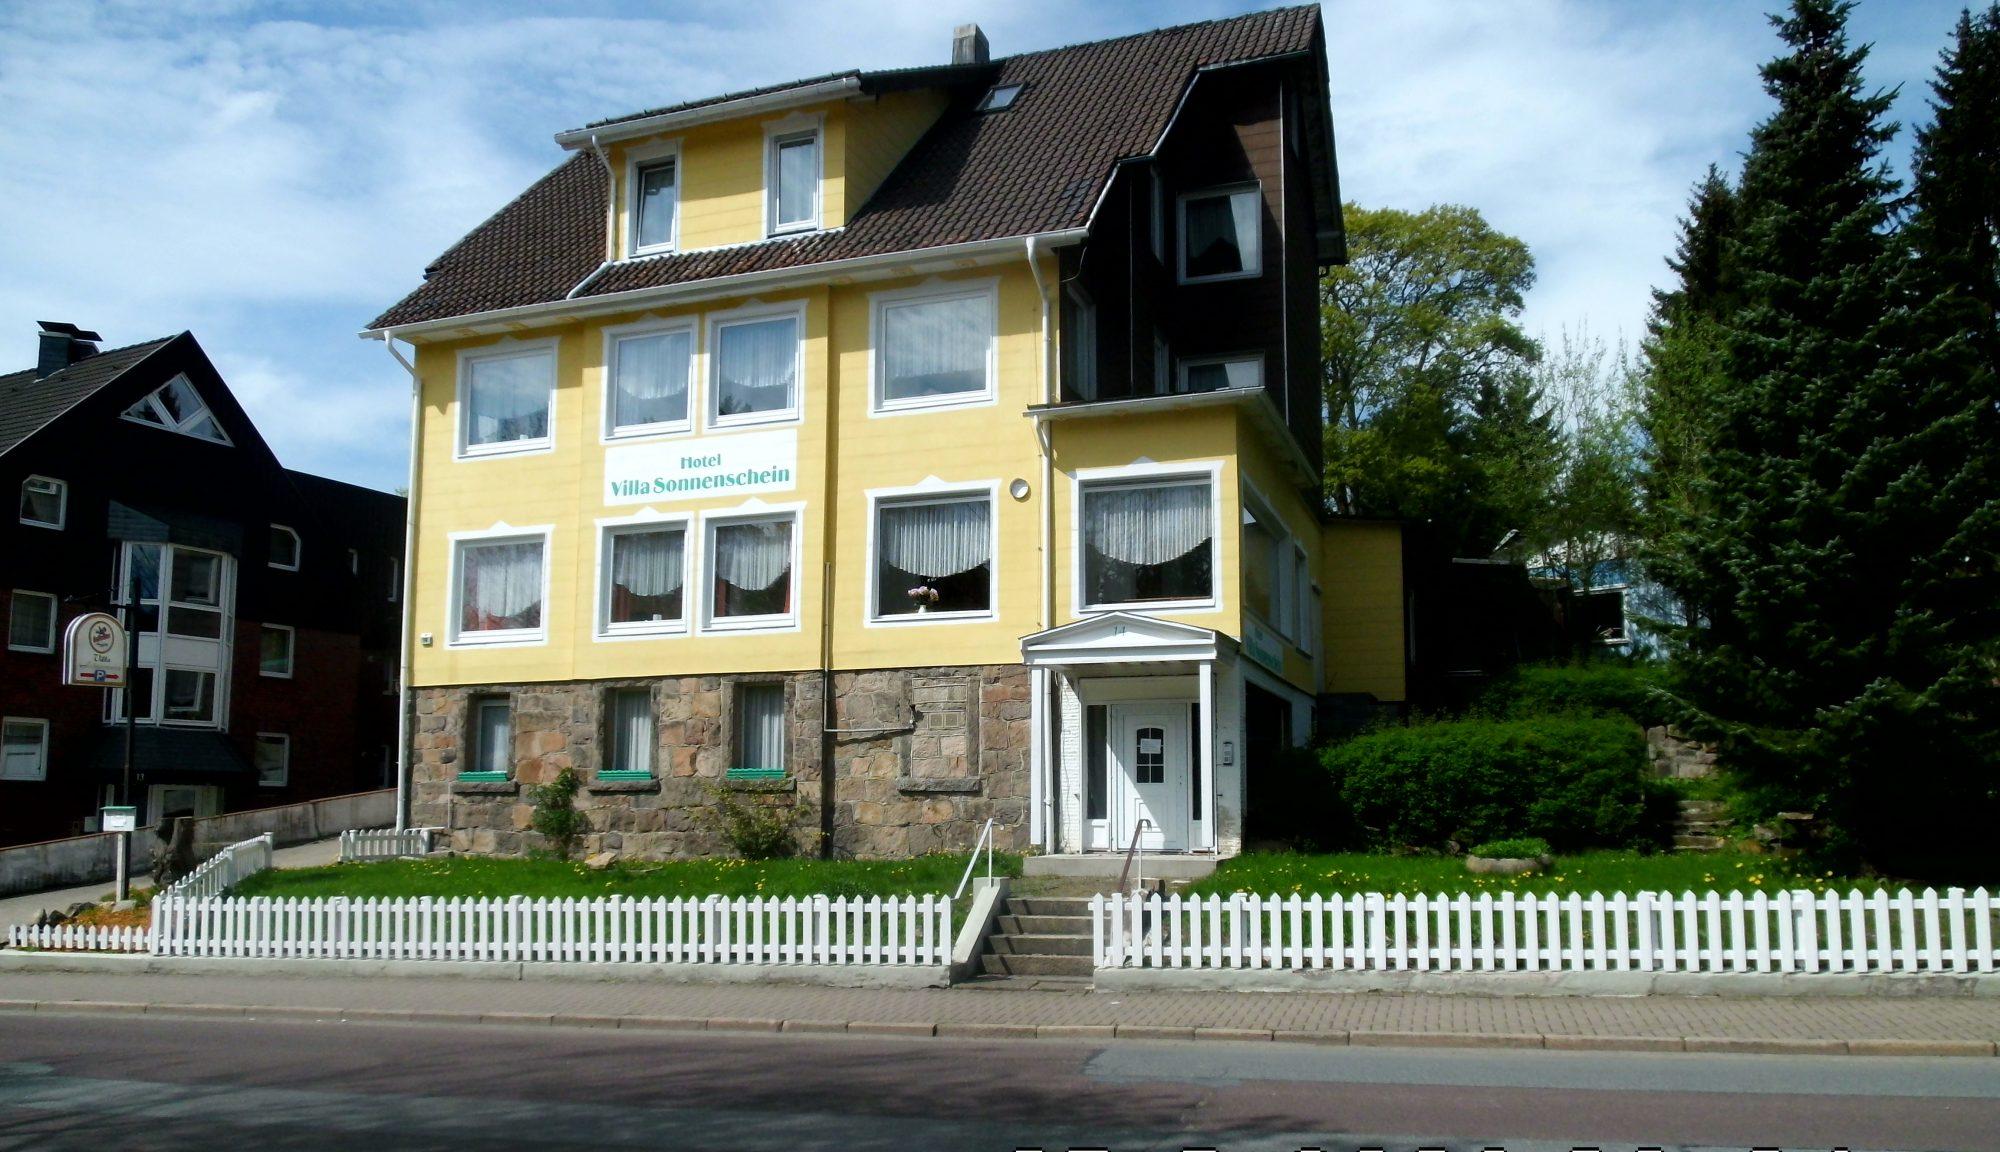 Hotel Villa Sonnenschein Braunlage Harz